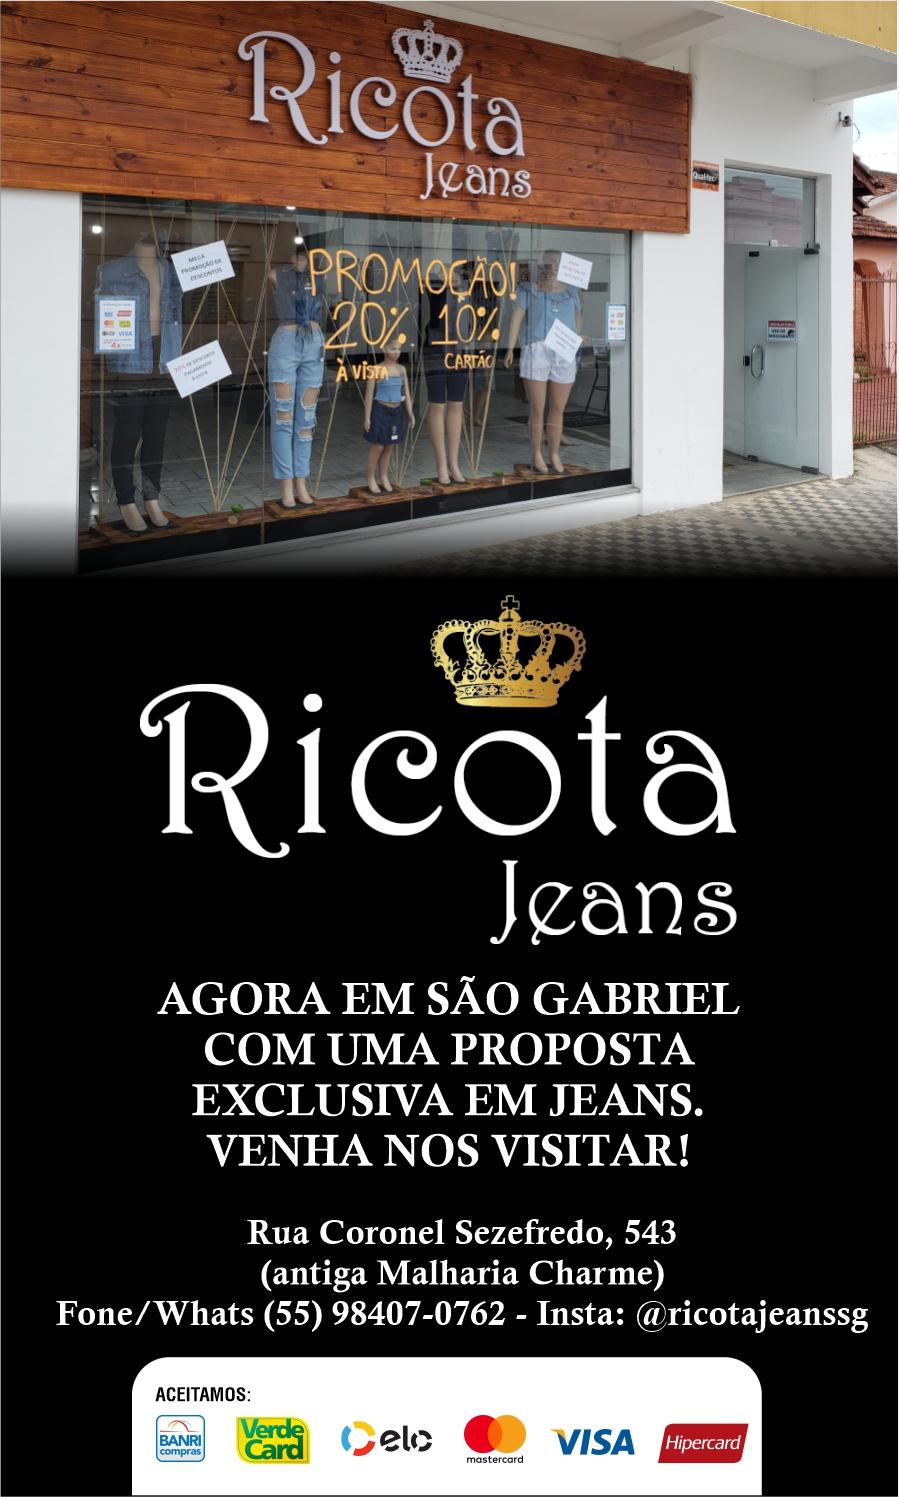 Ricota Jeans São Gabriel - venha nos visitar